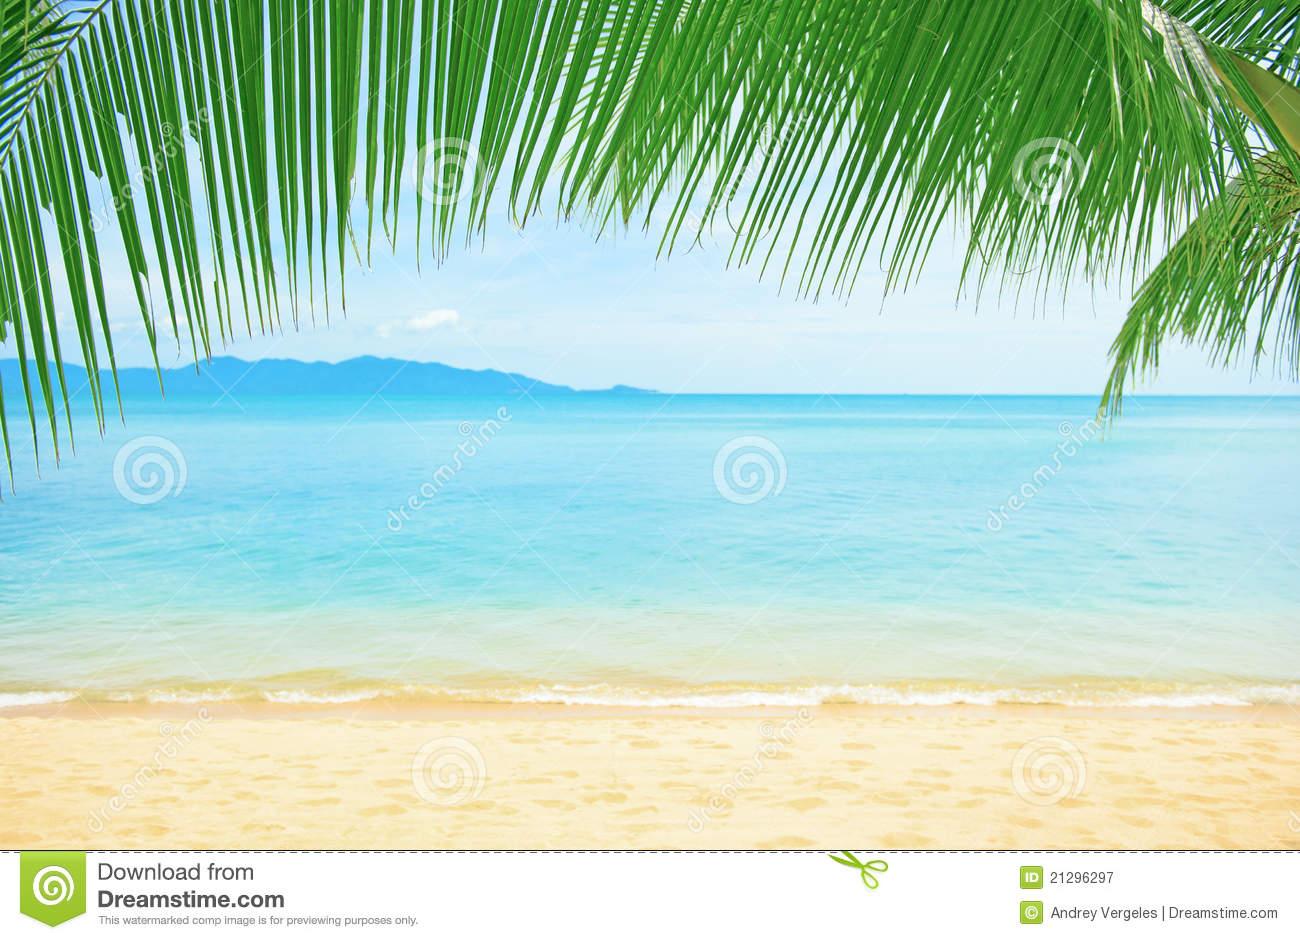 definition wallpapercomphotobeautiful palm tree wallpaper41html 1300x940